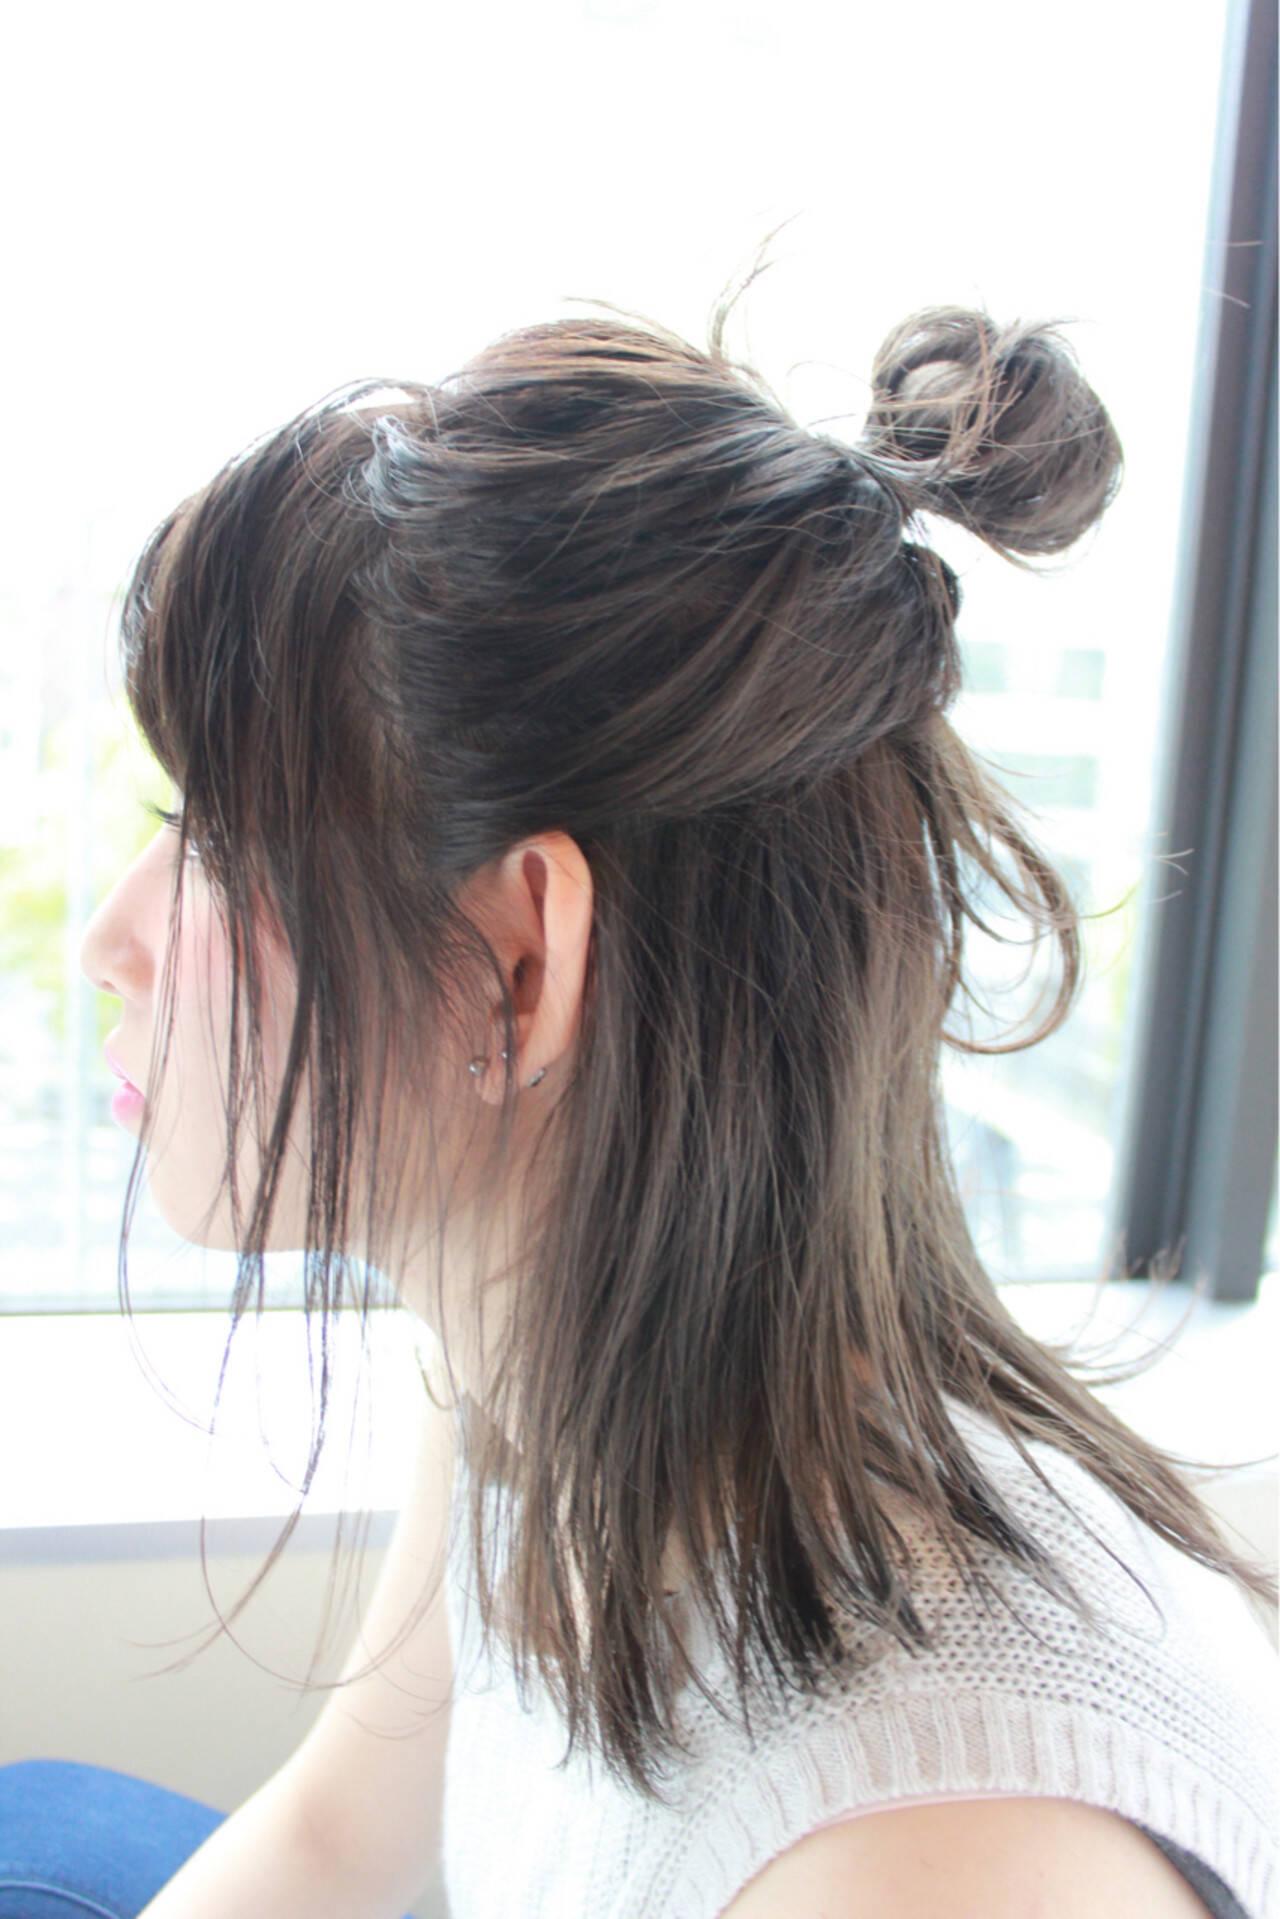 グレージュ ロブ ナチュラル 簡単ヘアアレンジヘアスタイルや髪型の写真・画像